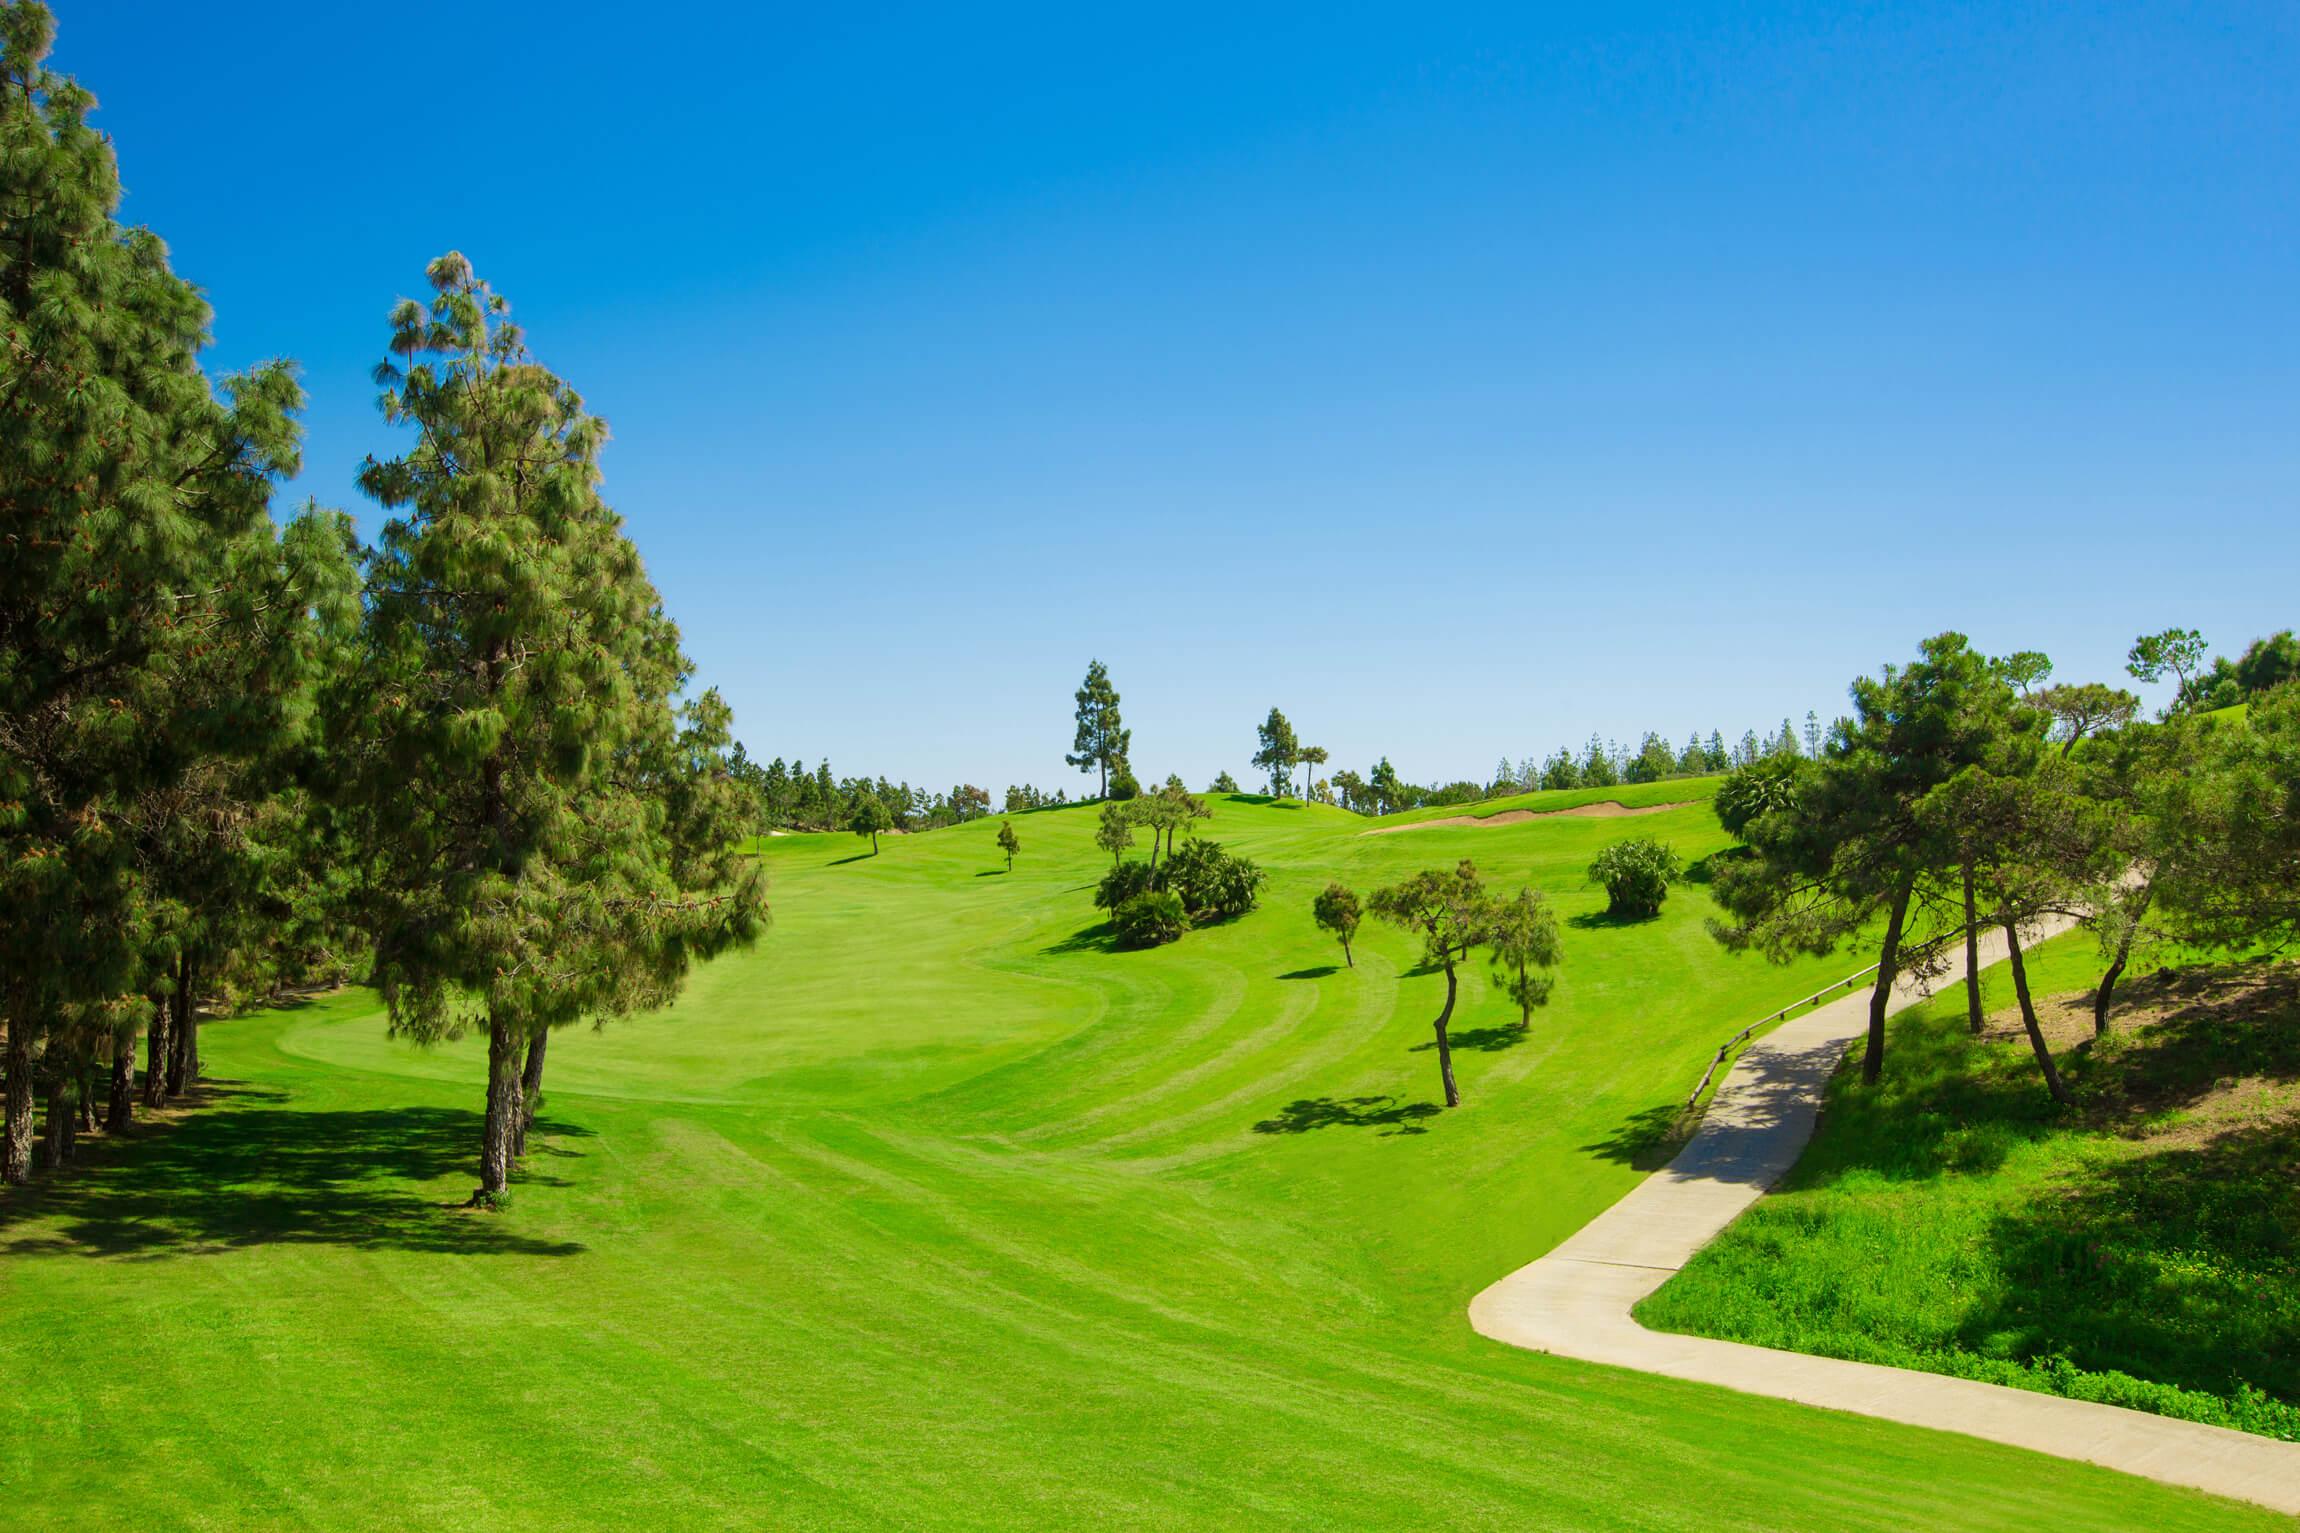 Chaparral Golf Club, Mijas, Costa del Sol, hoyo 15